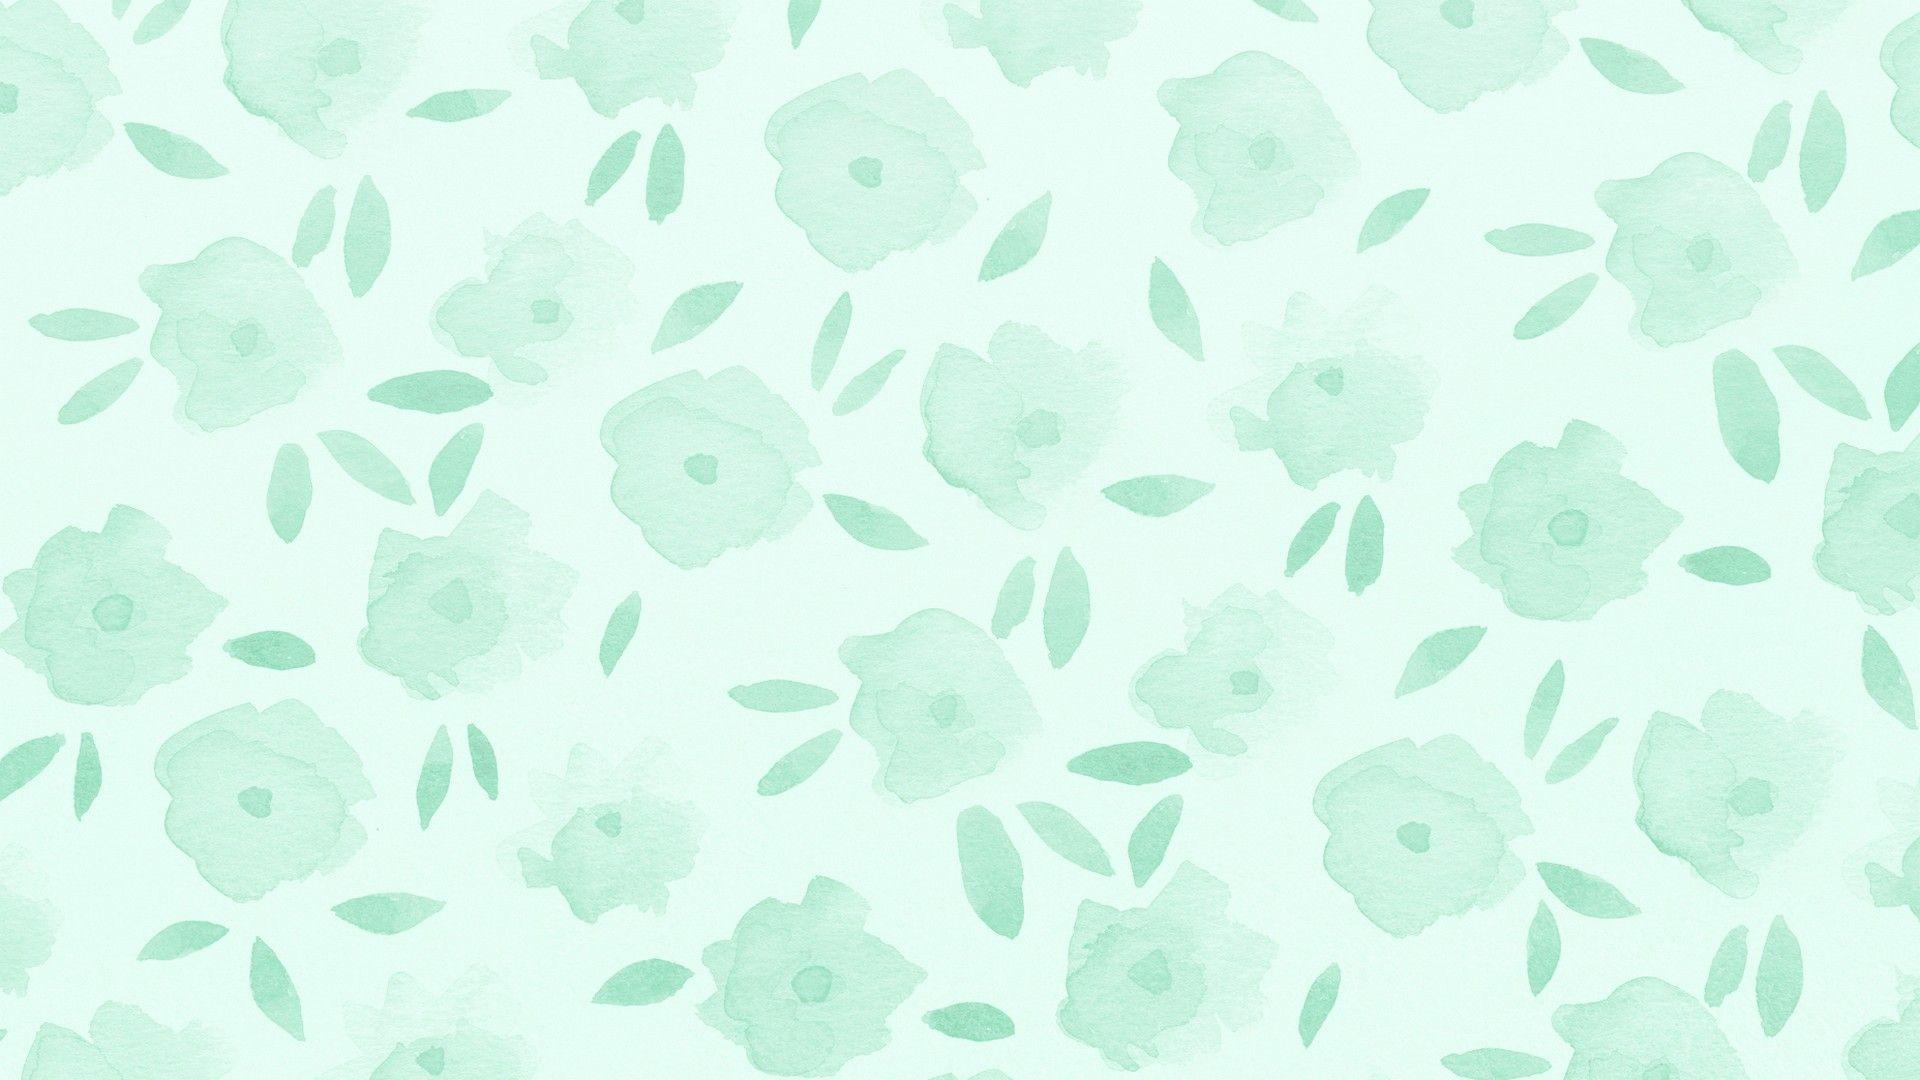 Mint Green wallpaper photo hd